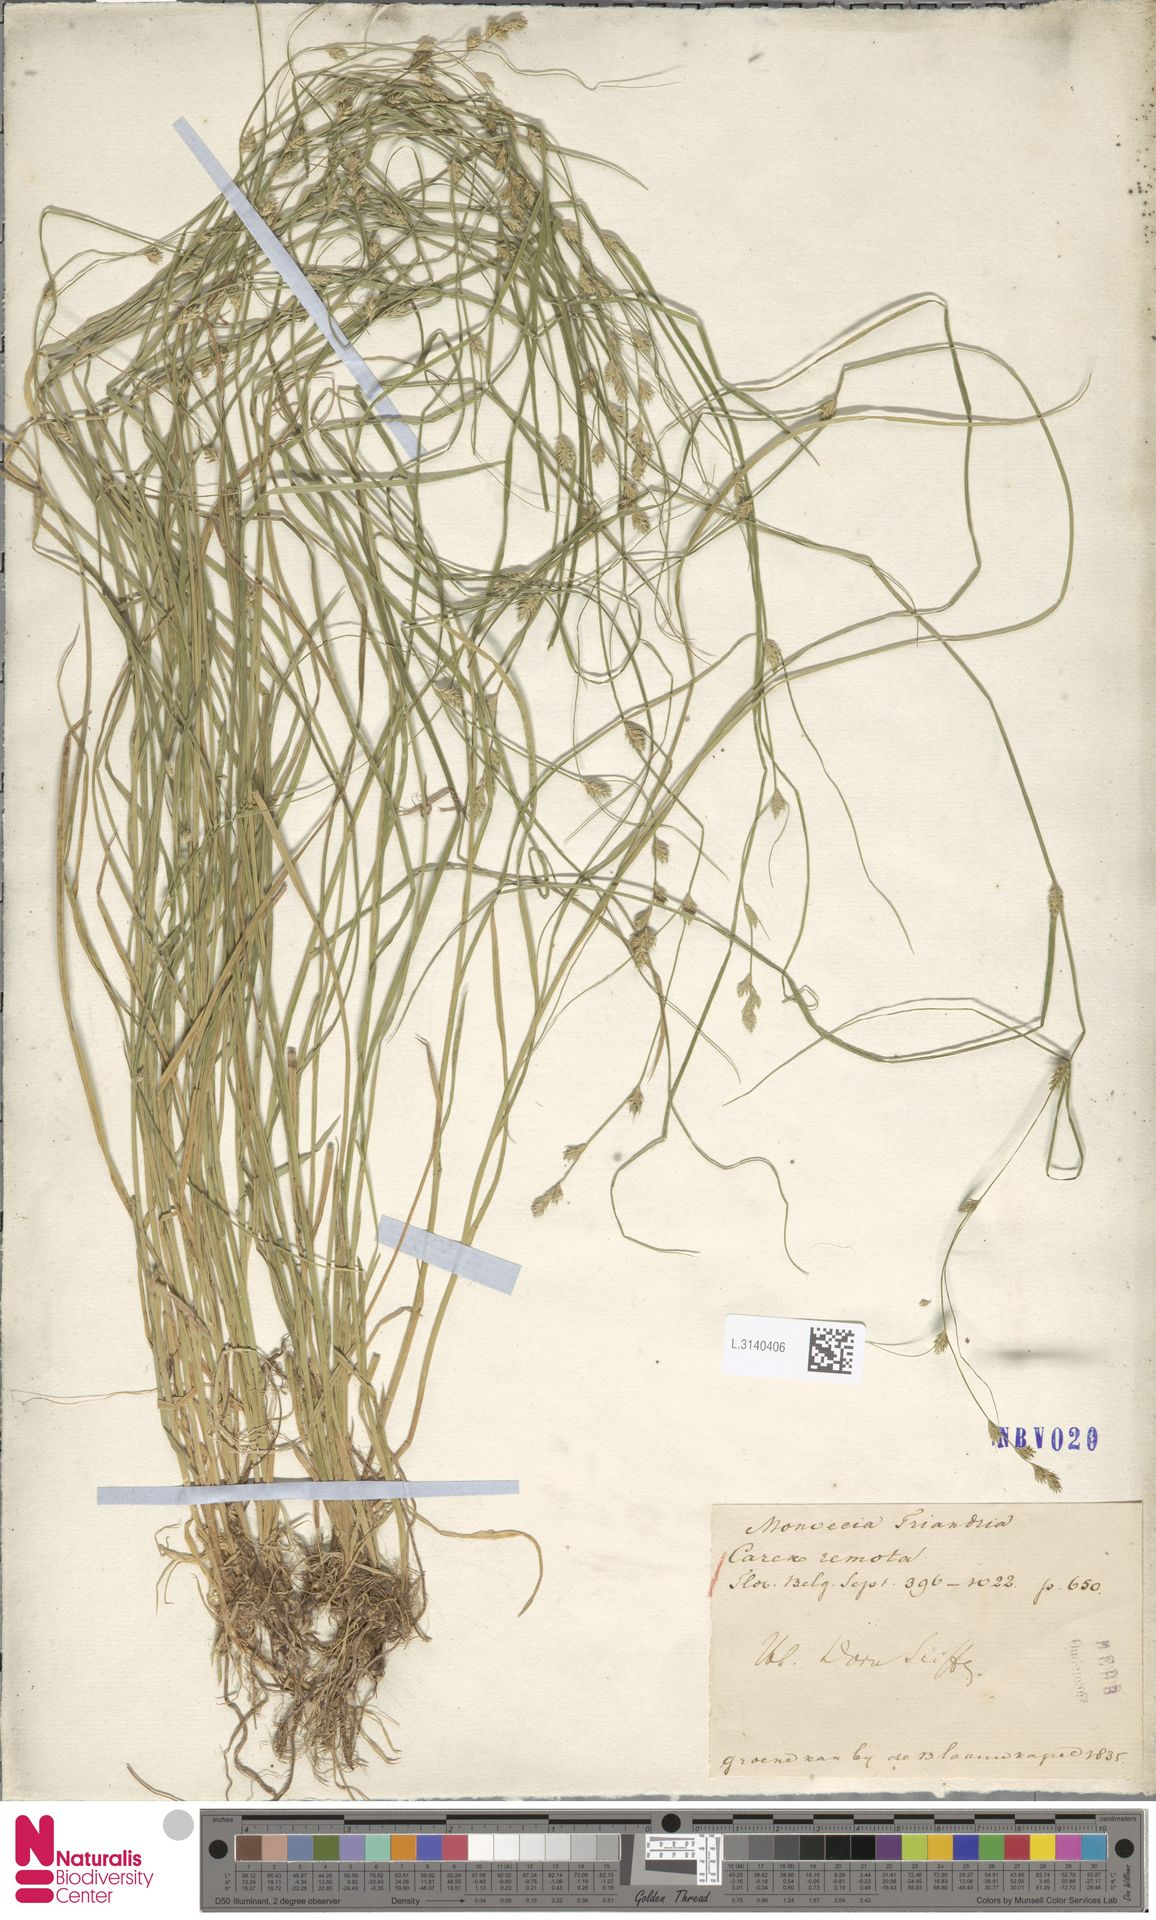 L.3140406   Carex remota L.